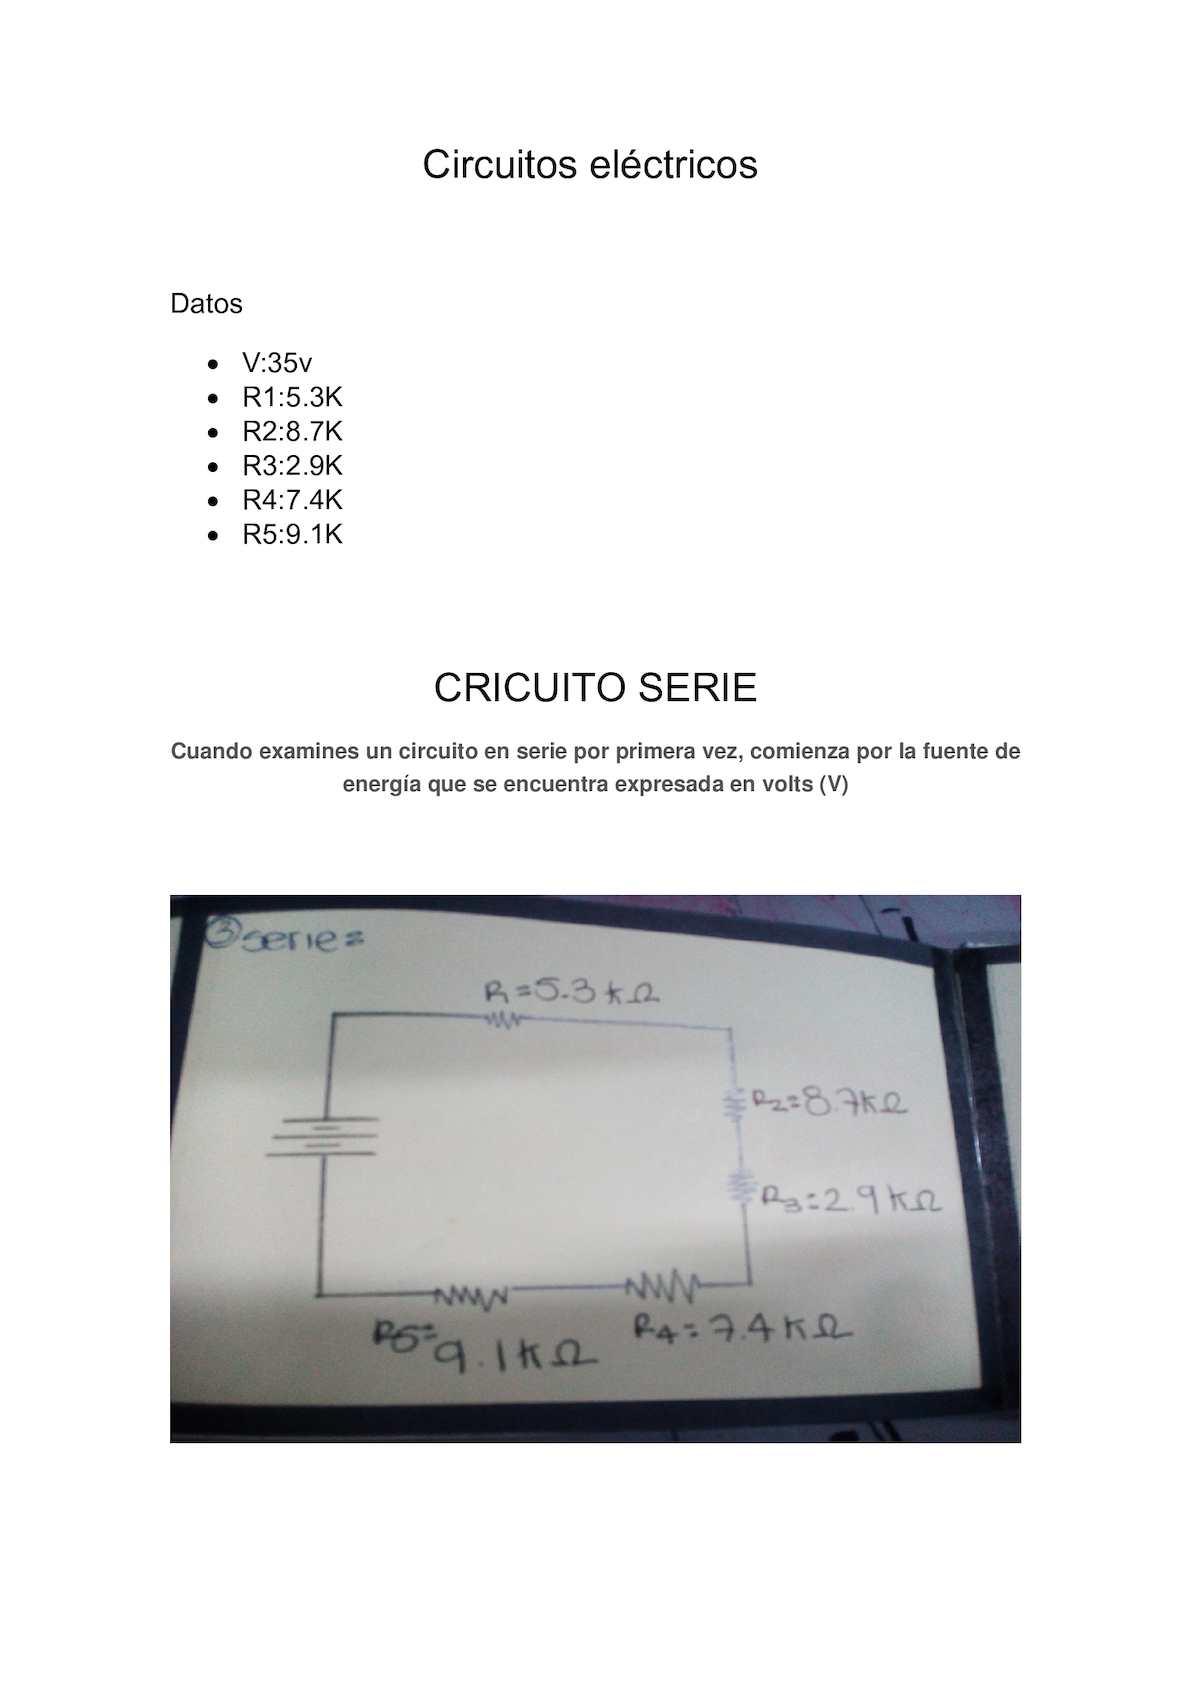 Circuito Hidraulico Mixto : Calaméo circuitos eléctricos